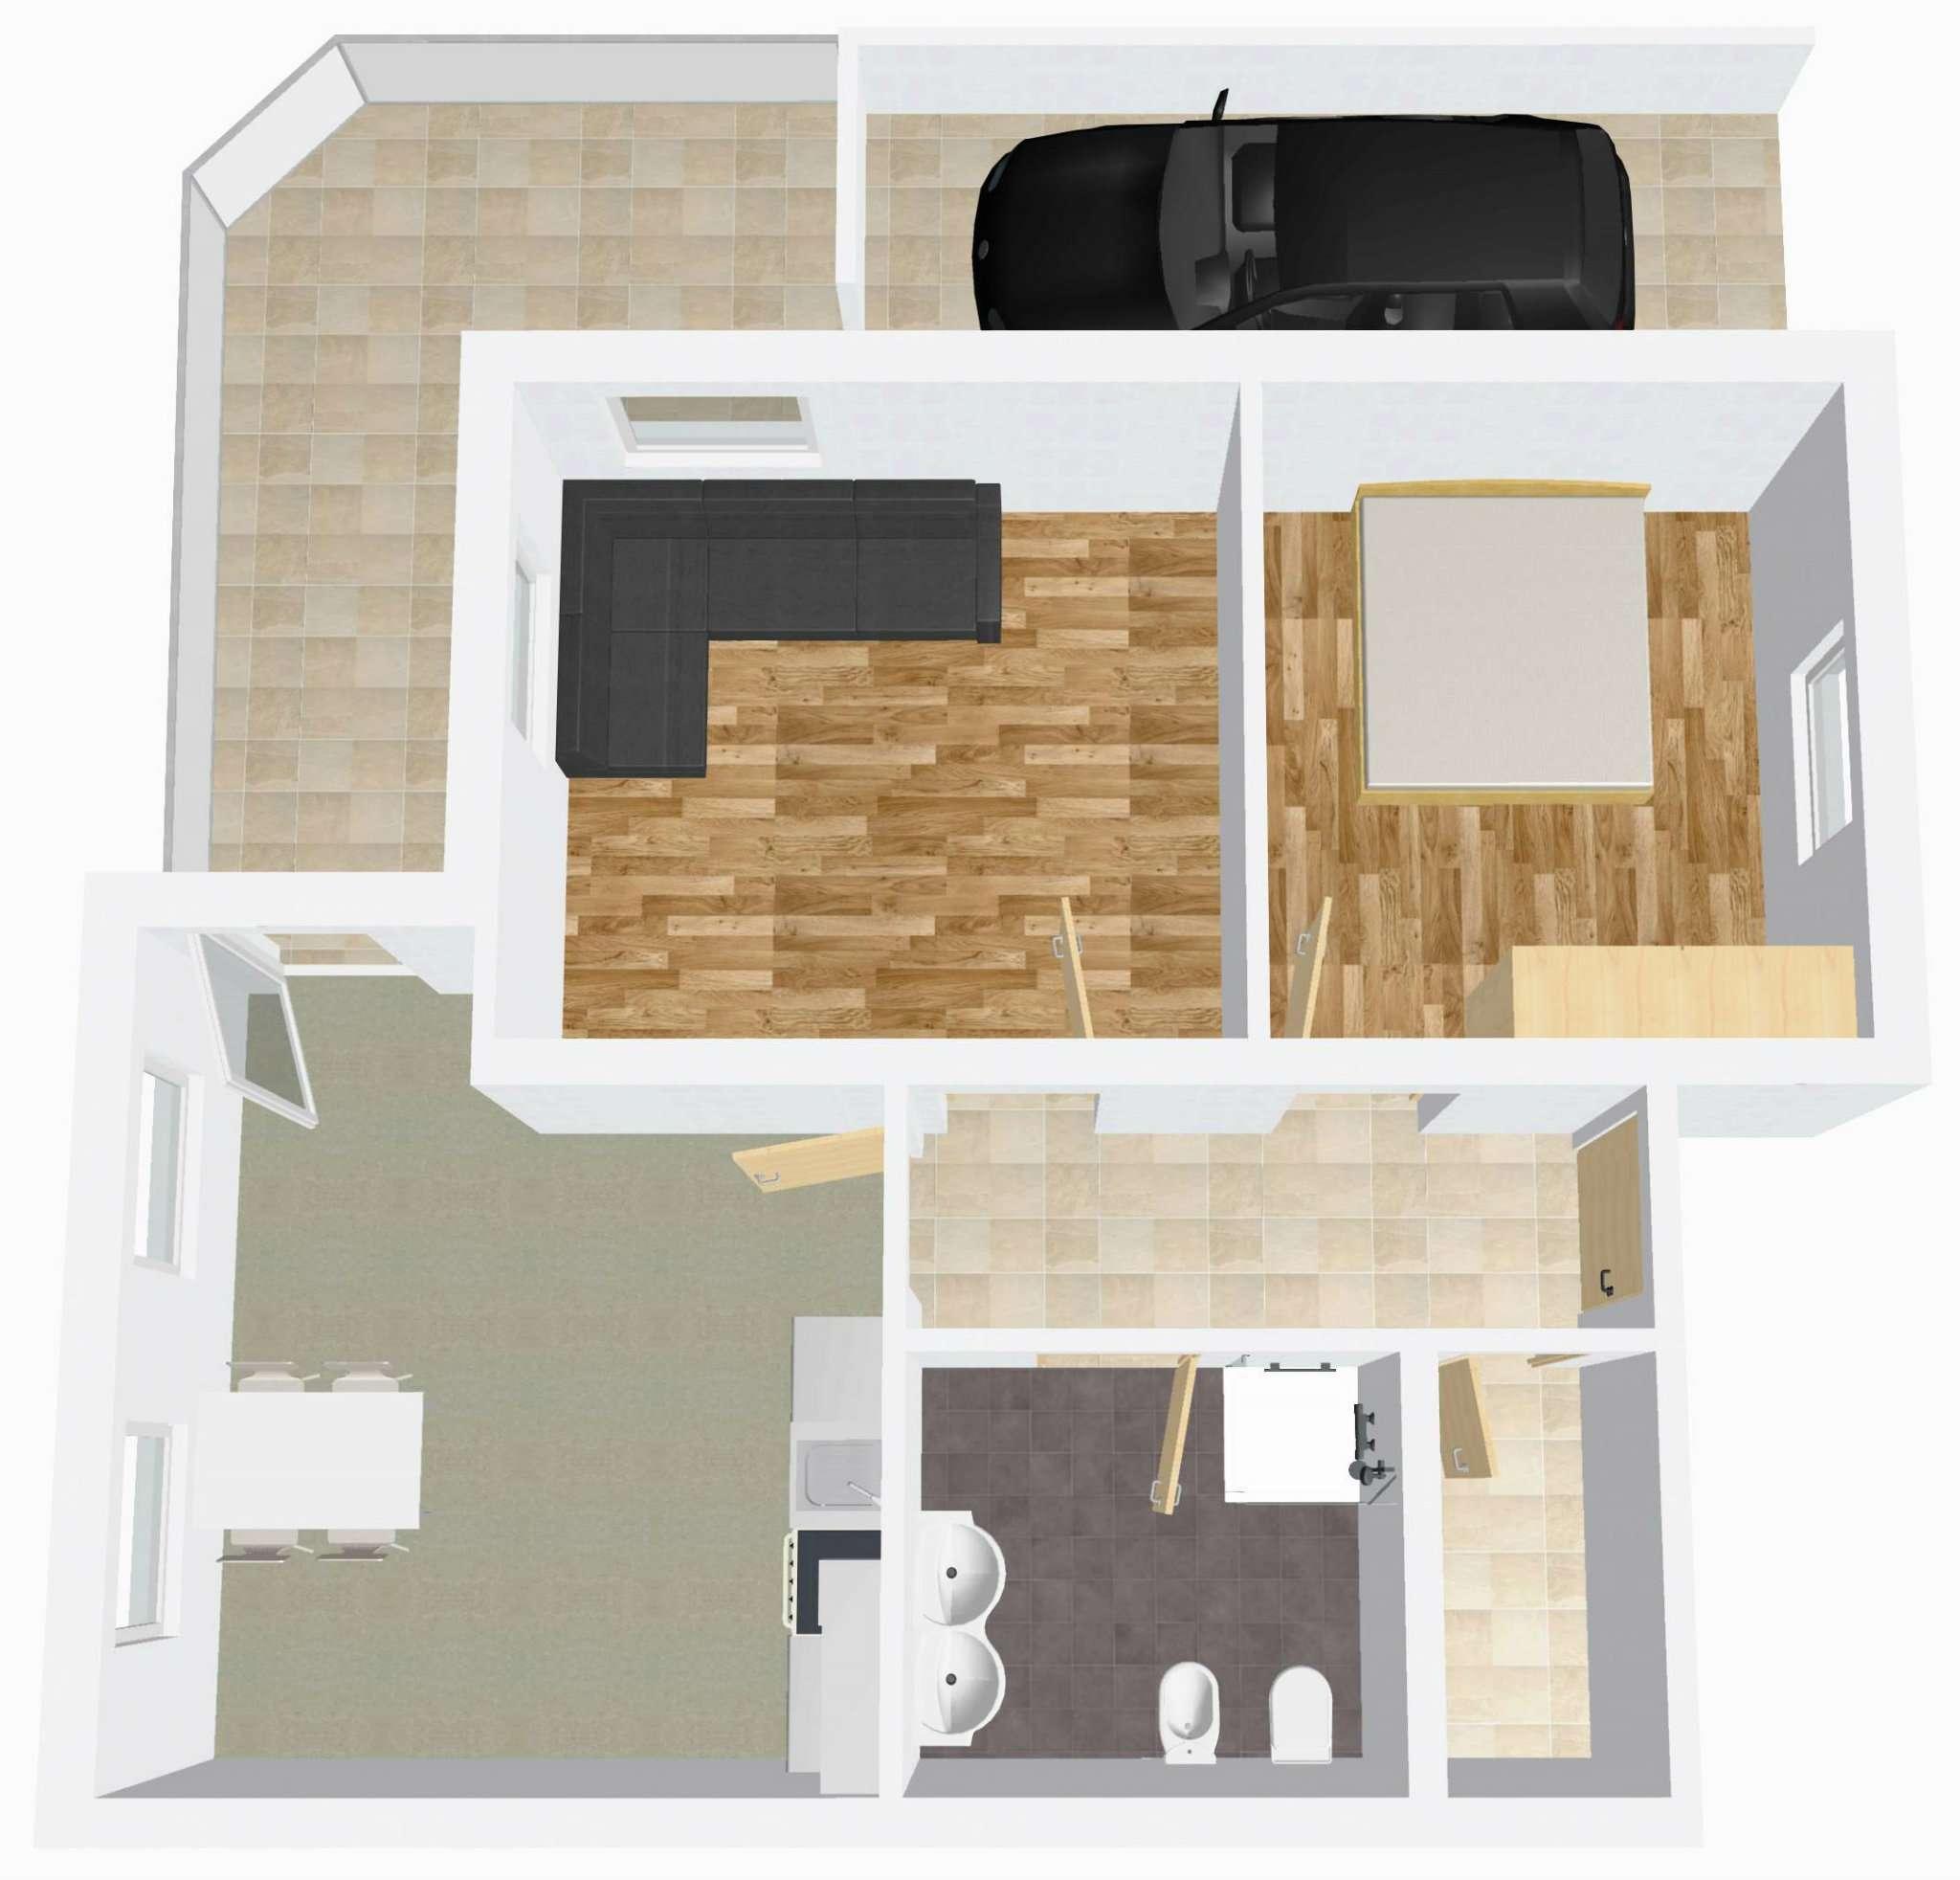 Appartamento in vendita a Vandoies, 2 locali, prezzo € 199.000 | Cambio Casa.it